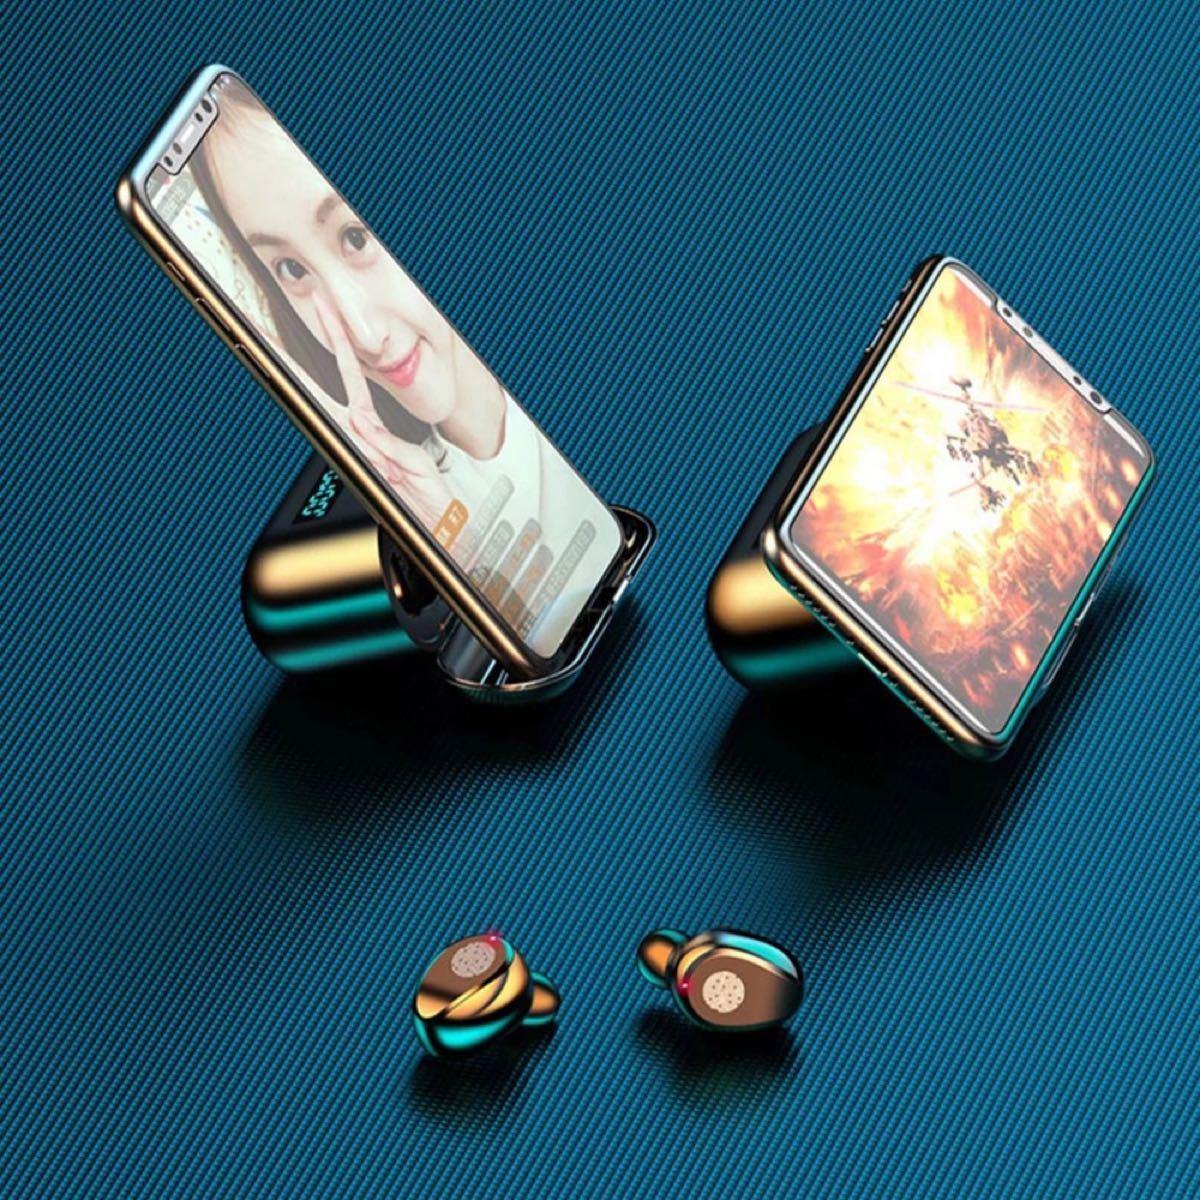 ワイヤレスイヤホン Bluetoothイヤホン イヤホン Bluetooth5.0 完全ワイヤレスイヤホン 防水